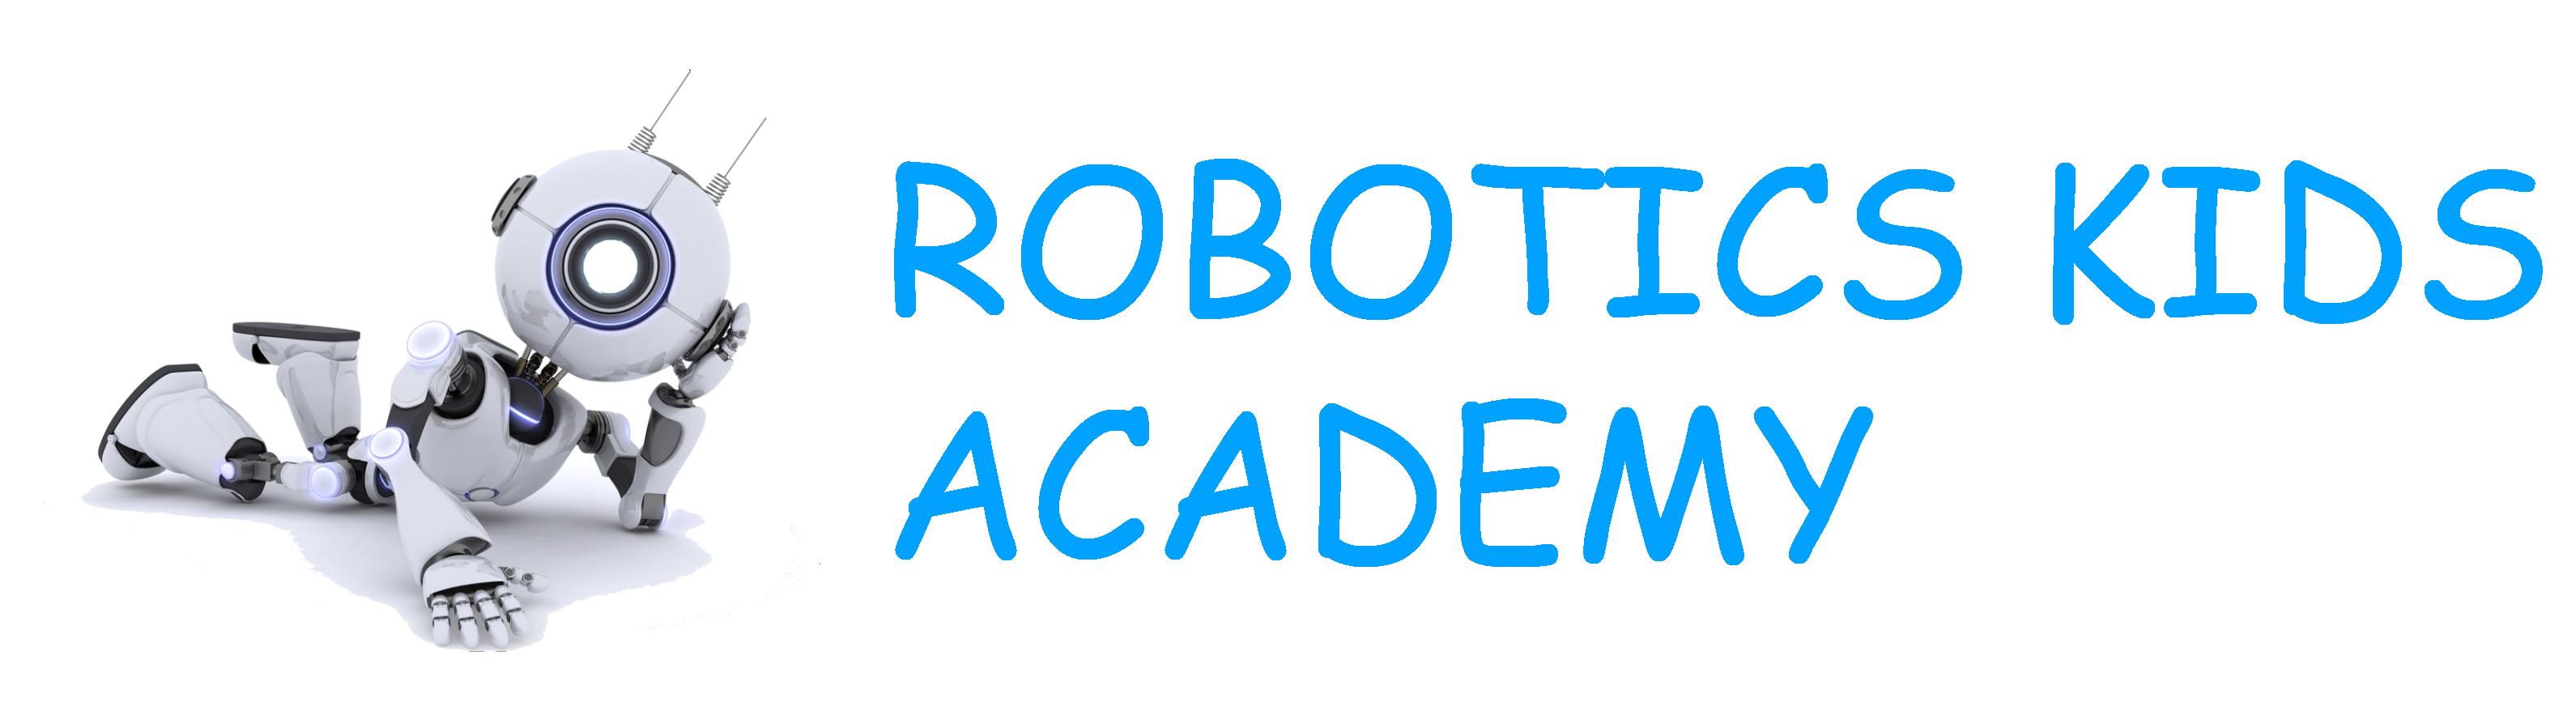 Robotics Kids Academy